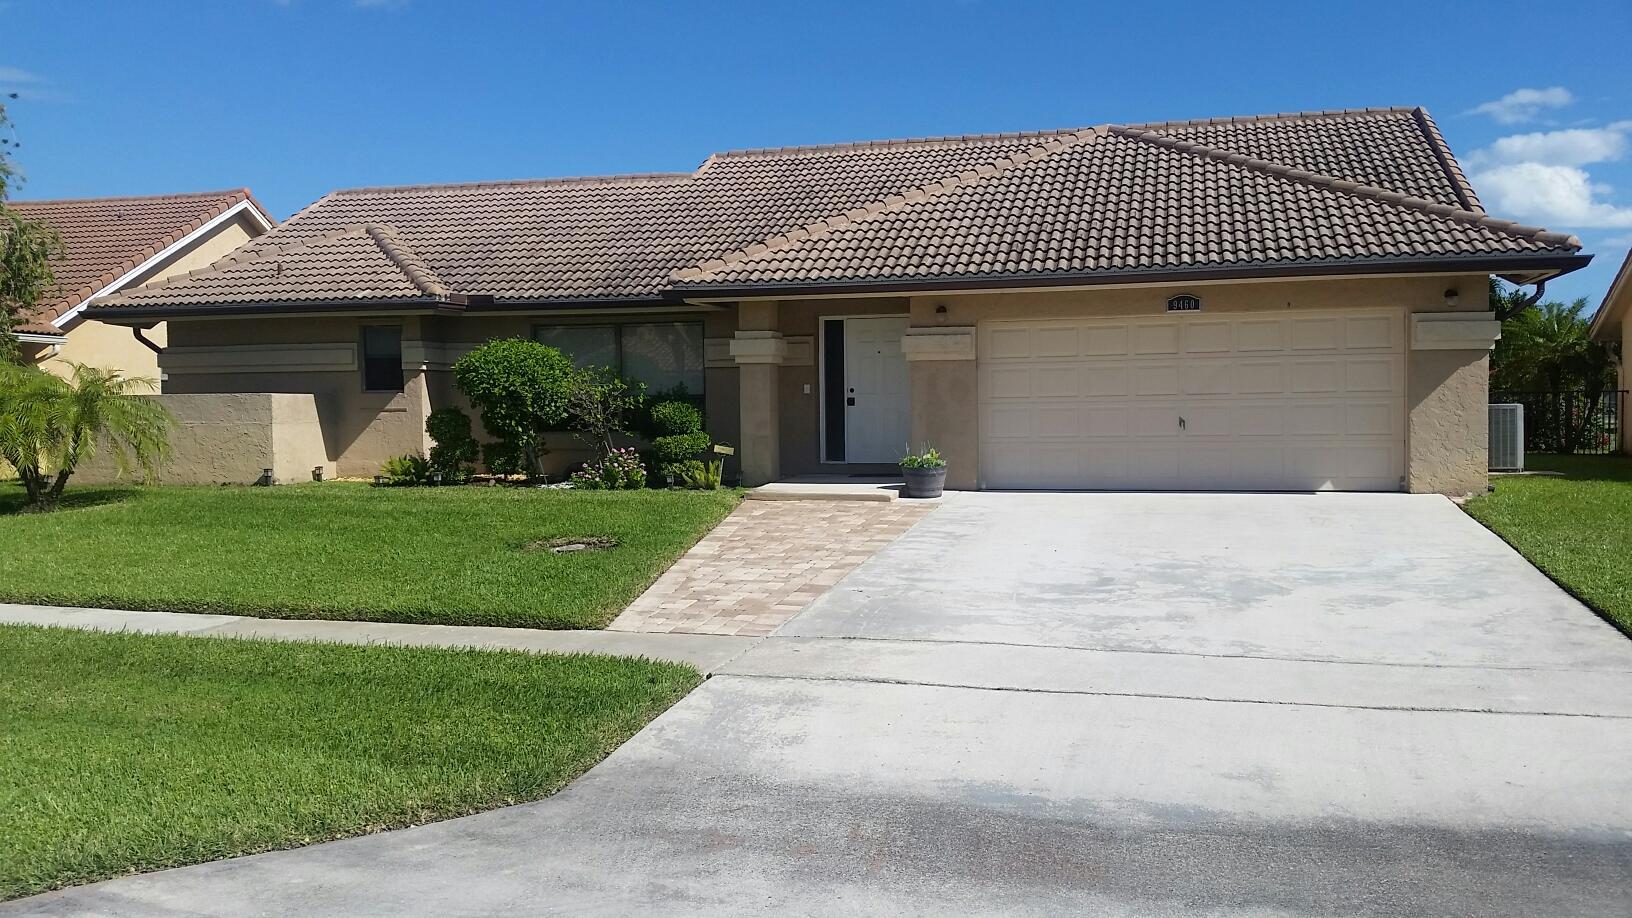 9460 El Clair Ranch Road, Boynton Beach, Florida 33437, 4 Bedrooms Bedrooms, ,2 BathroomsBathrooms,Single Family,For Sale,El Clair Ranch,RX-10482510